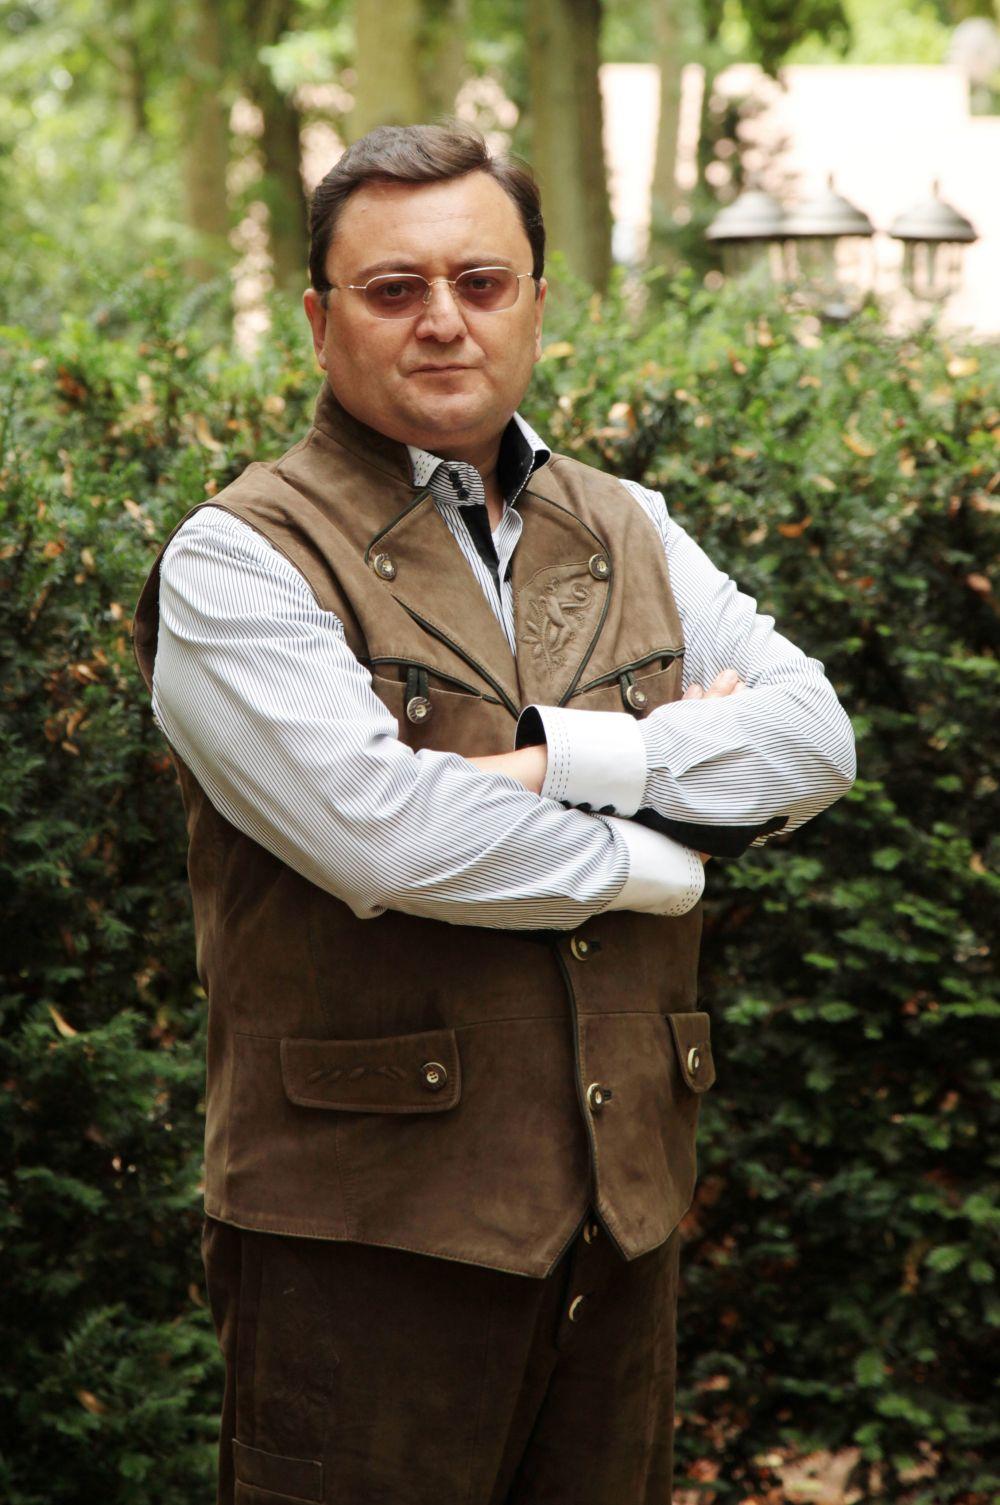 Замкнул десятку богатейших холостяков России 46-летний председатель совета директоров группы компаний ASG Алексей Сёмин. Его состояние оценивается в $1,15 млрд.